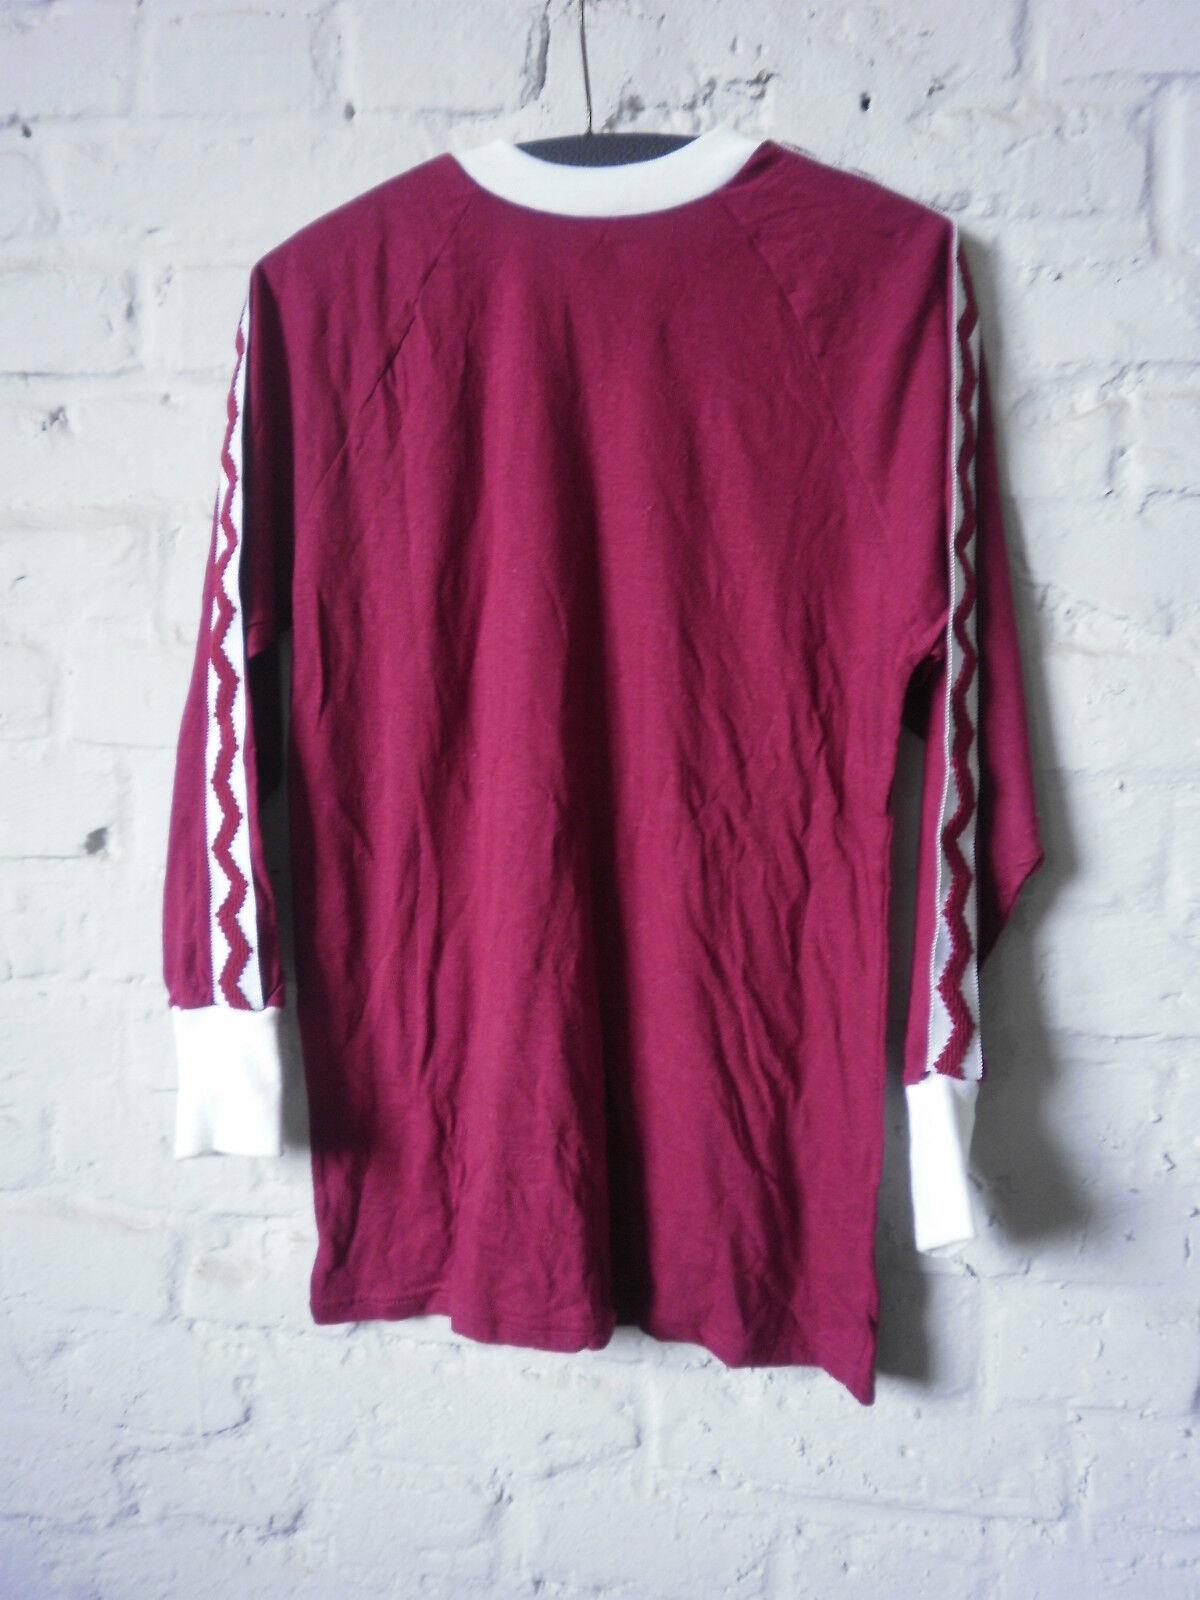 True vintage veb cristal made herrenspielerhemd maillot d5 shirt made cristal in GDR 80s nos dae162